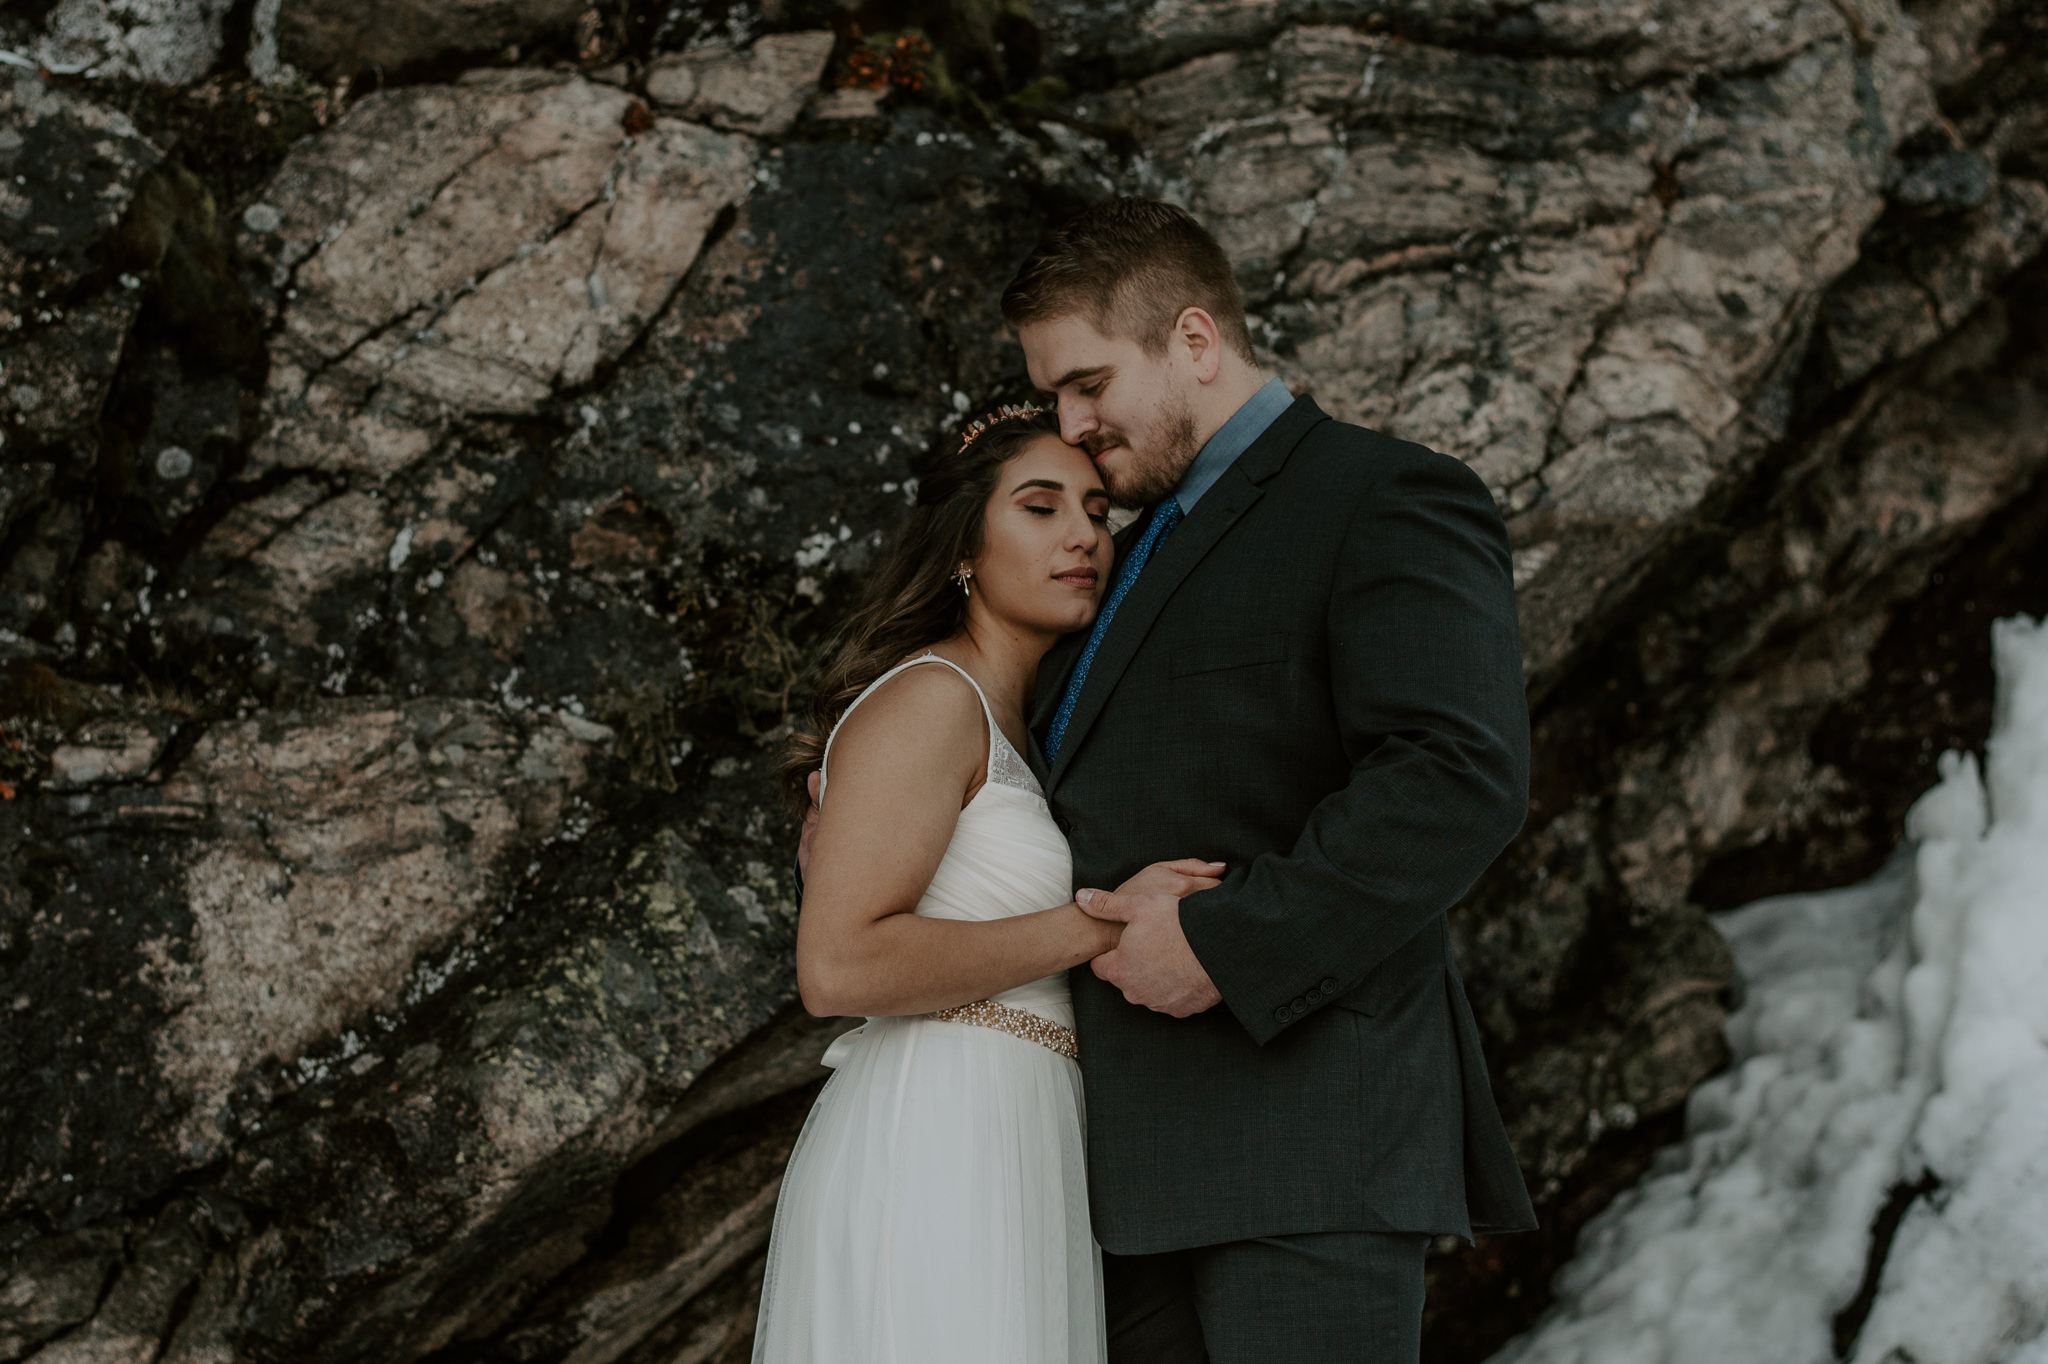 Colorado mountain adventure elopement photography